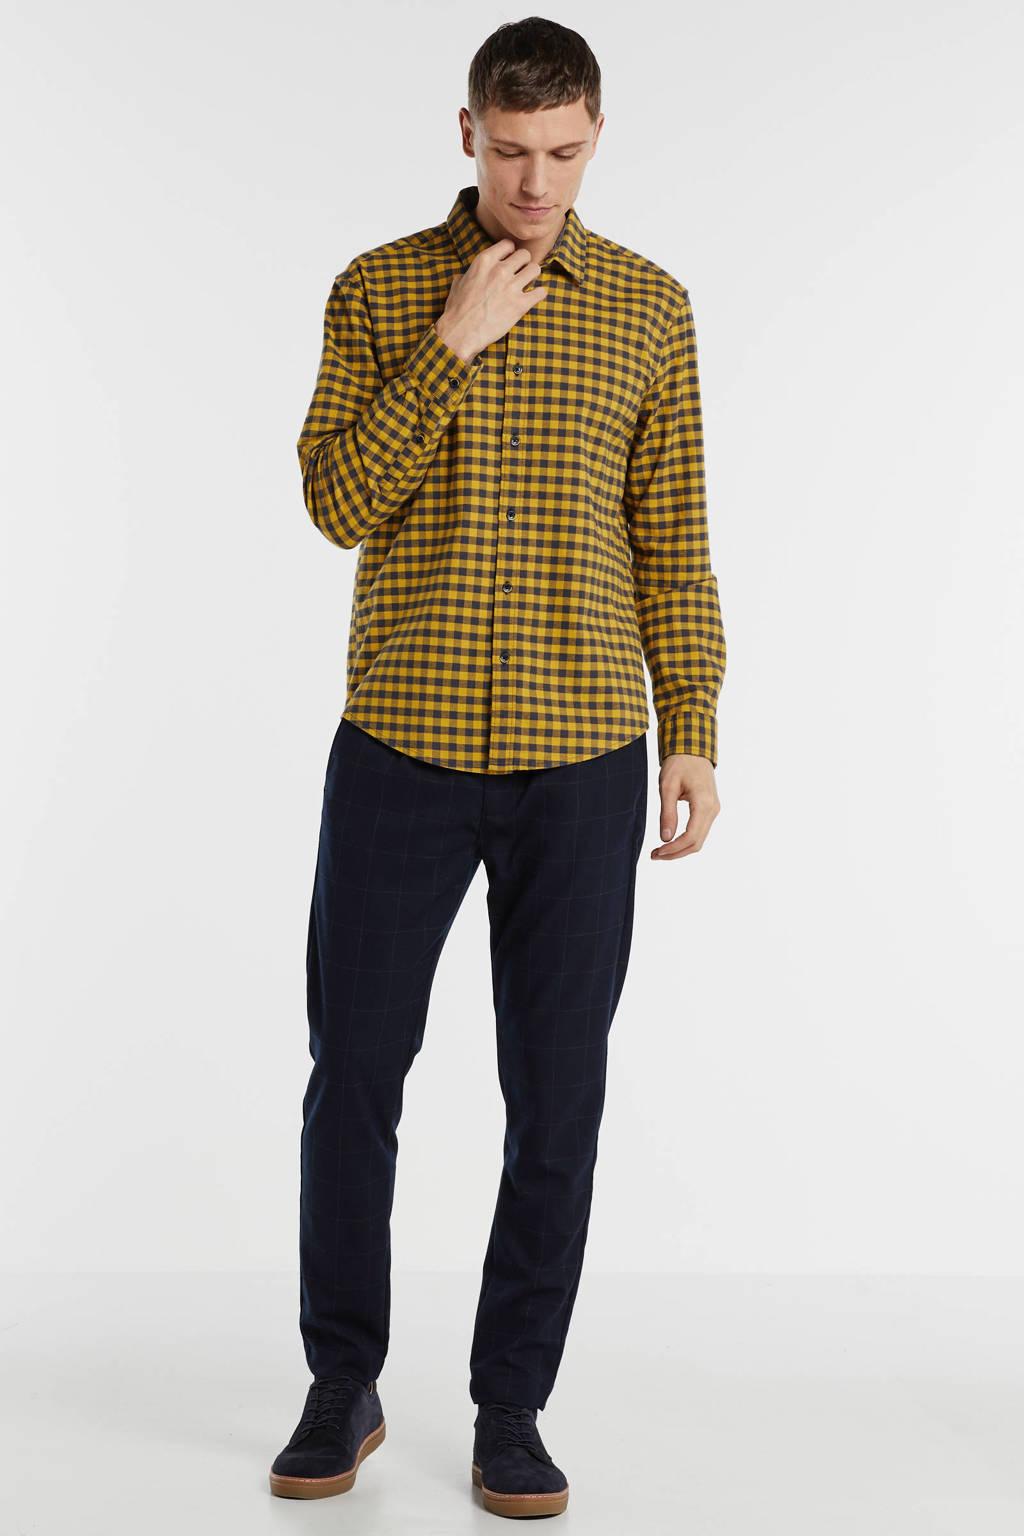 ESPRIT Men Casual geruit regular fit overhemd geel, Geel